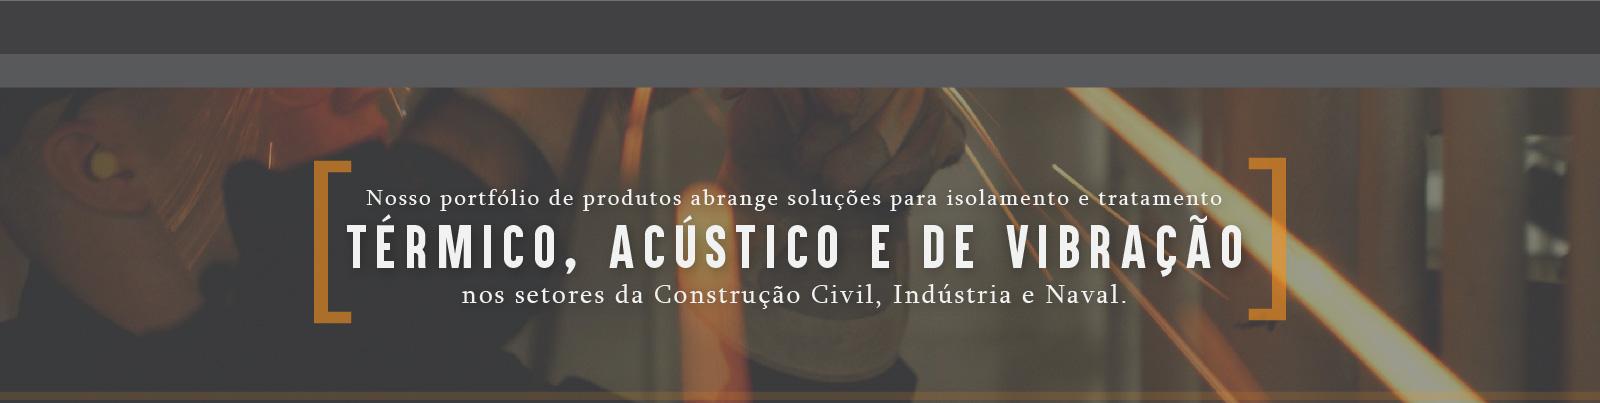 produtos-banner-isolamento-acustico